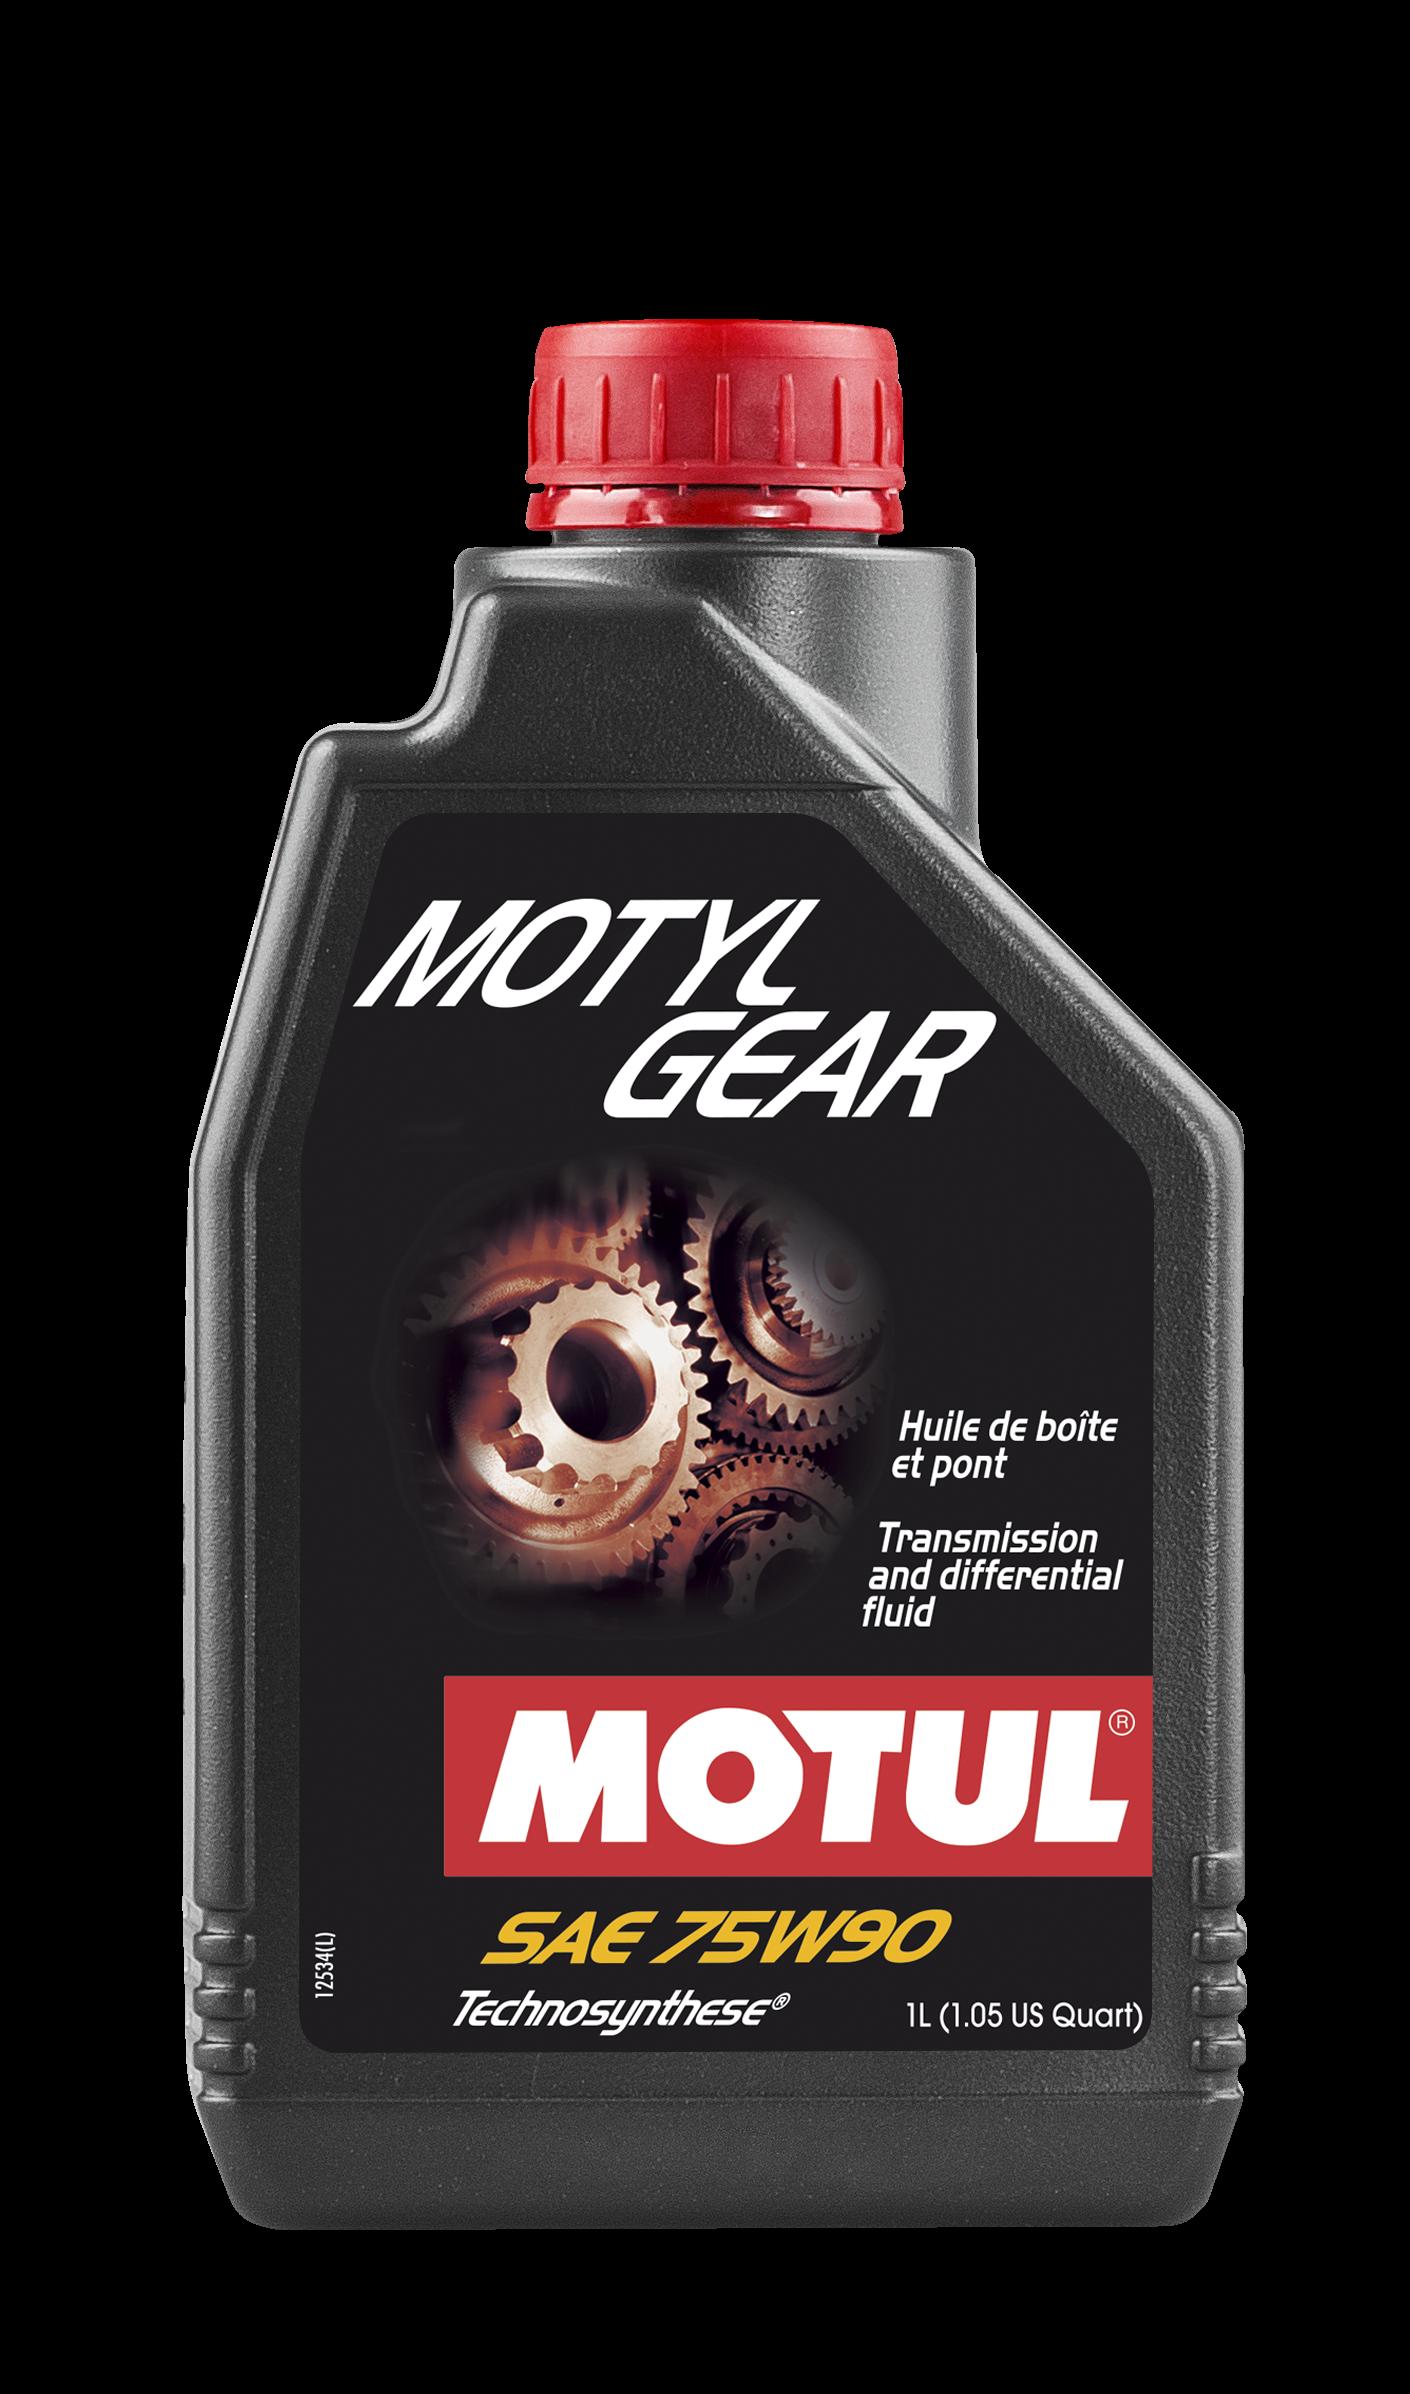 Motul Motylgear 75w-90 5 л